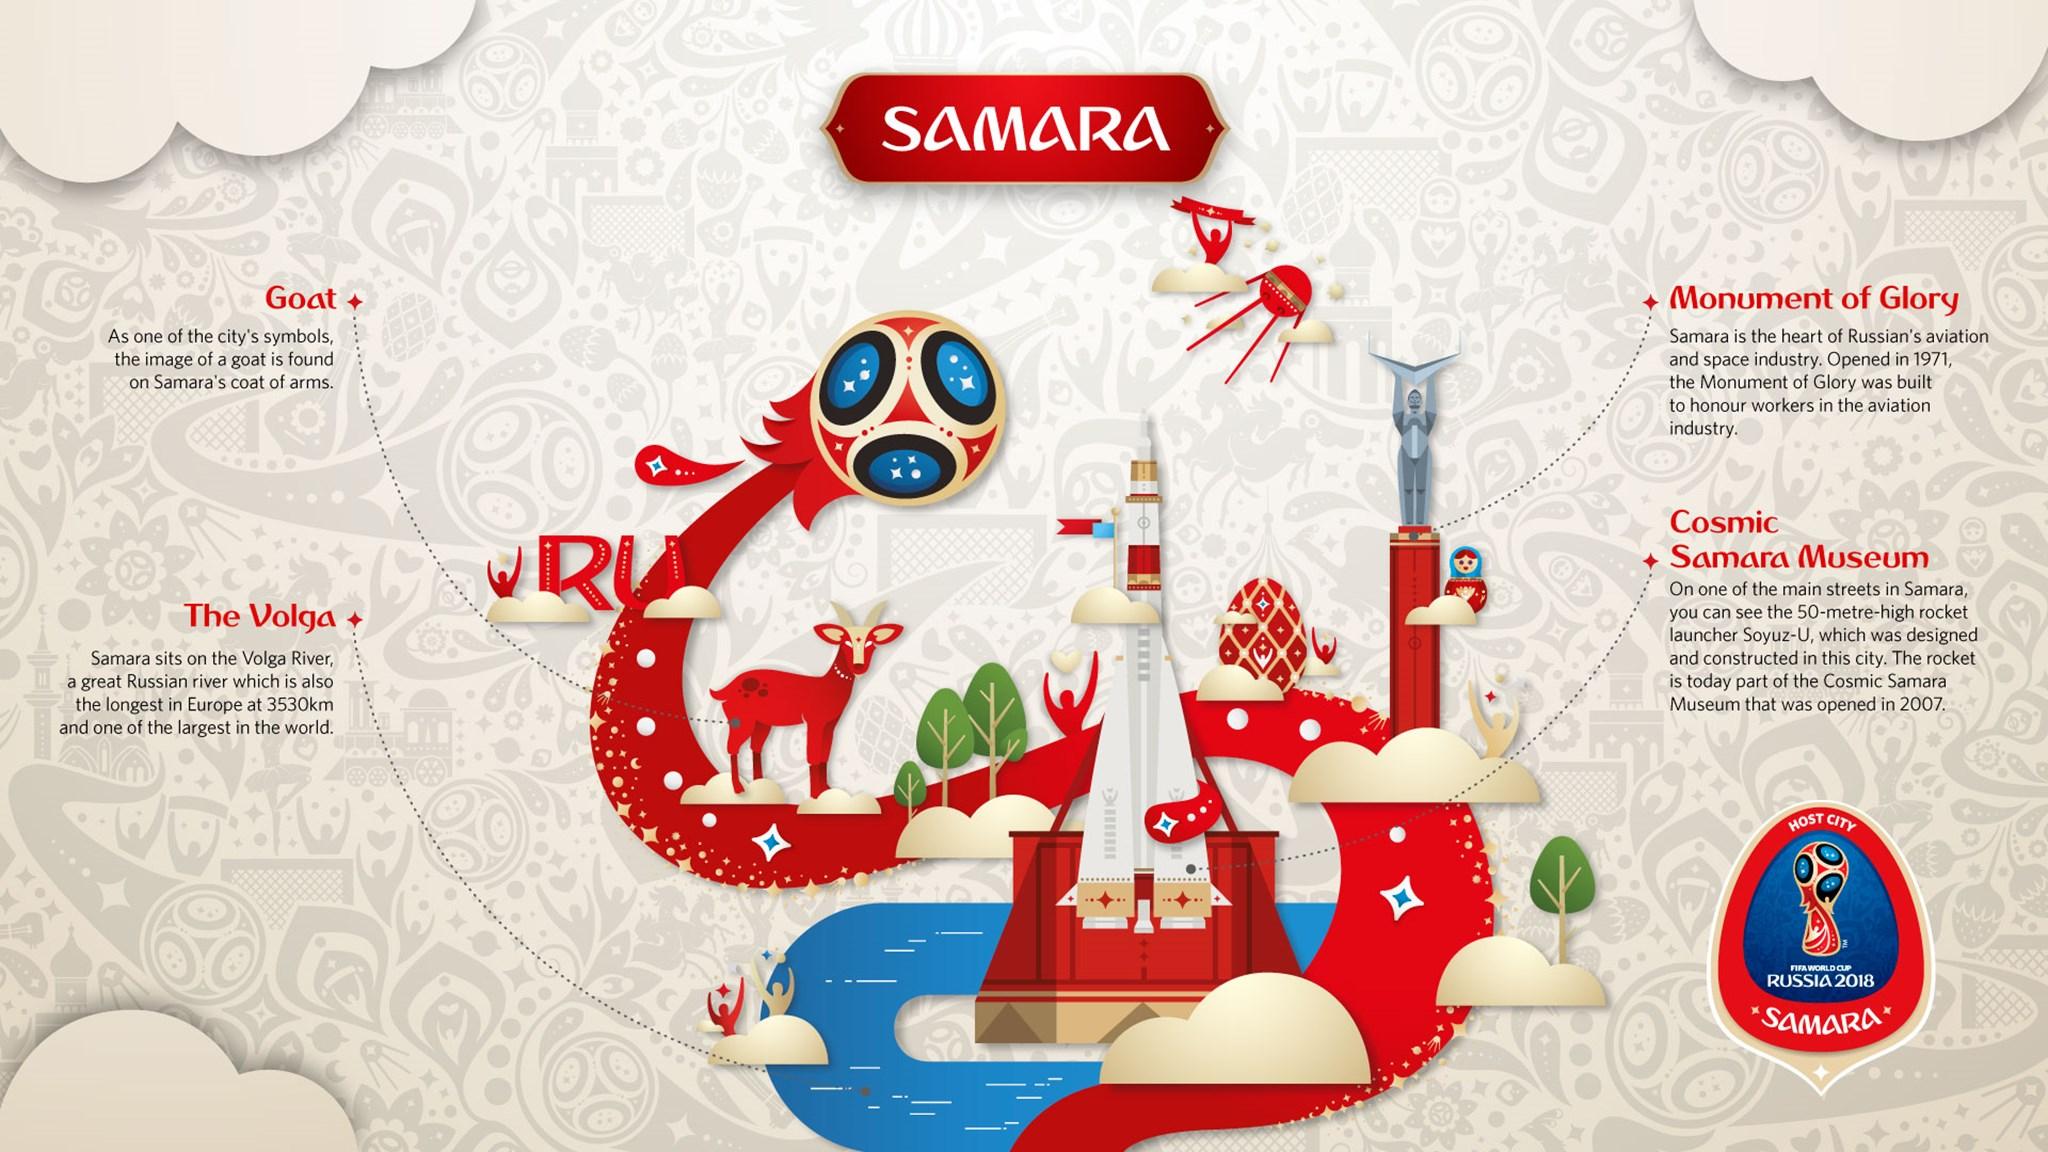 足球狂欢 2018俄罗斯世界杯小组赛球票预定 萨马拉体育场